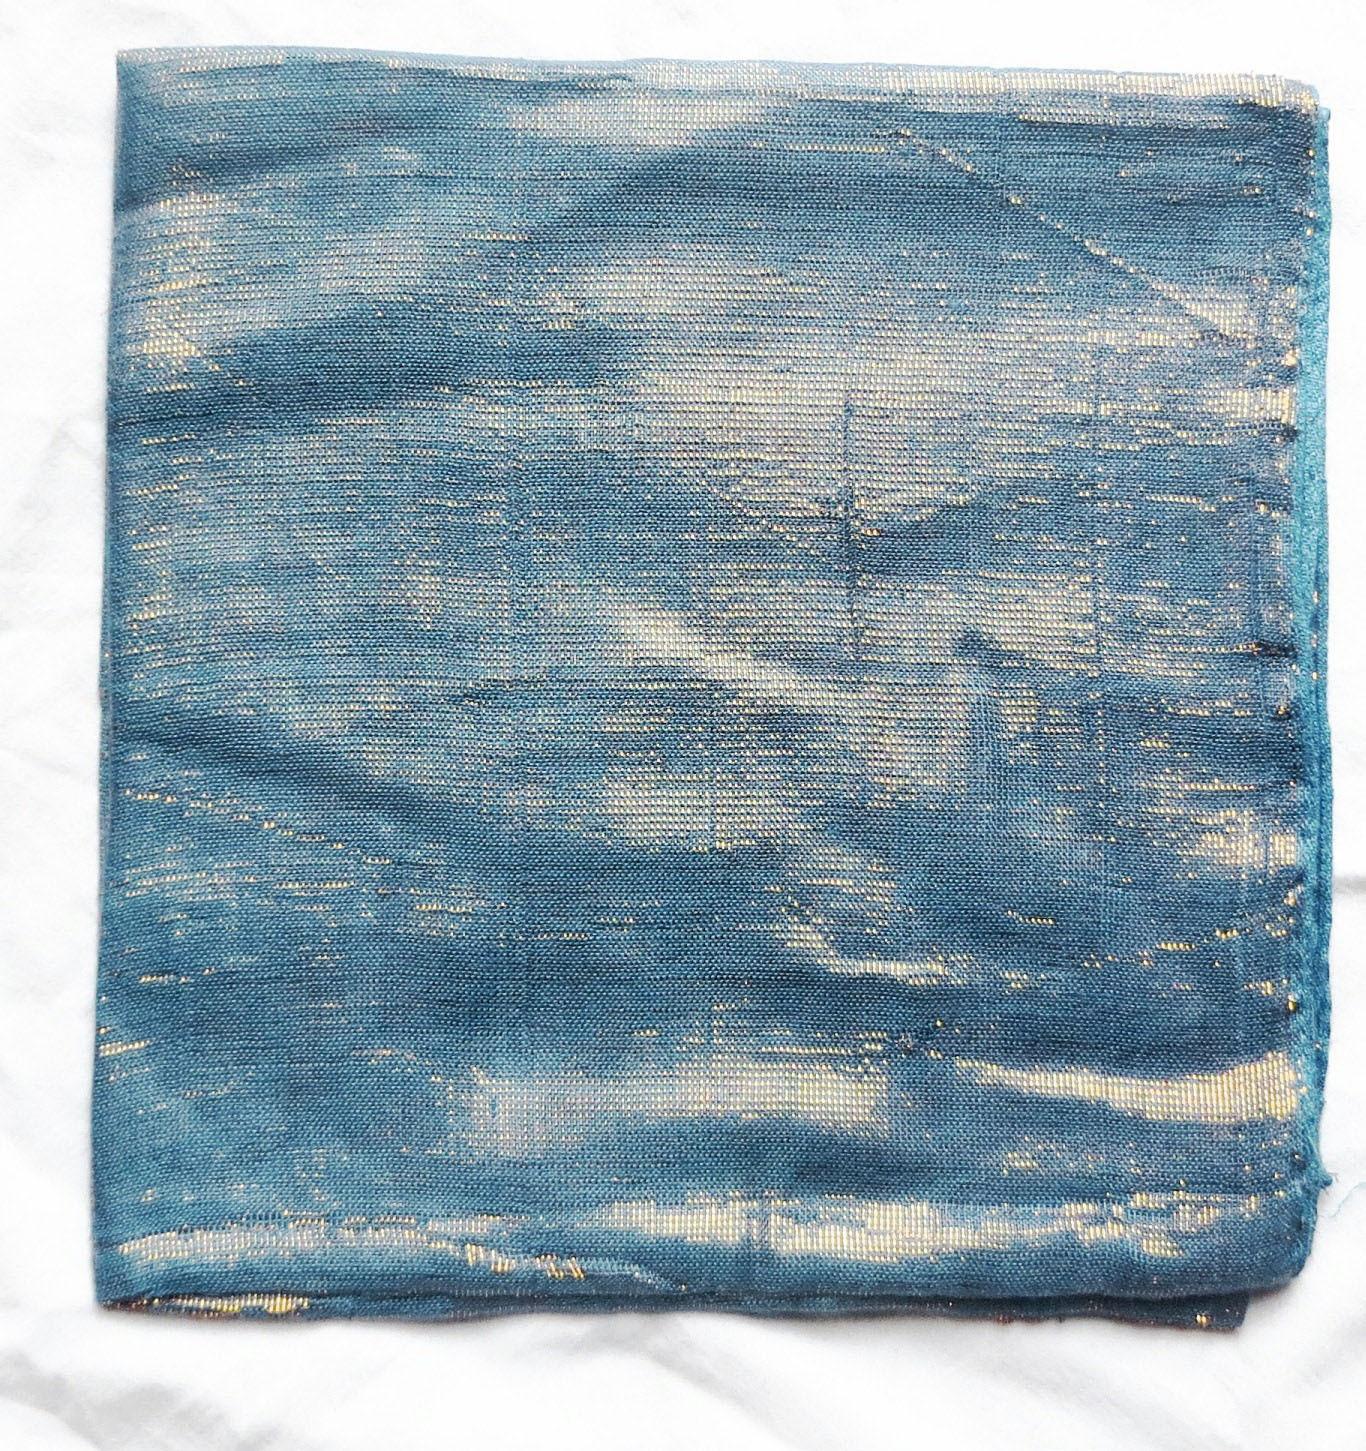 Blue solid color shimmering tichel